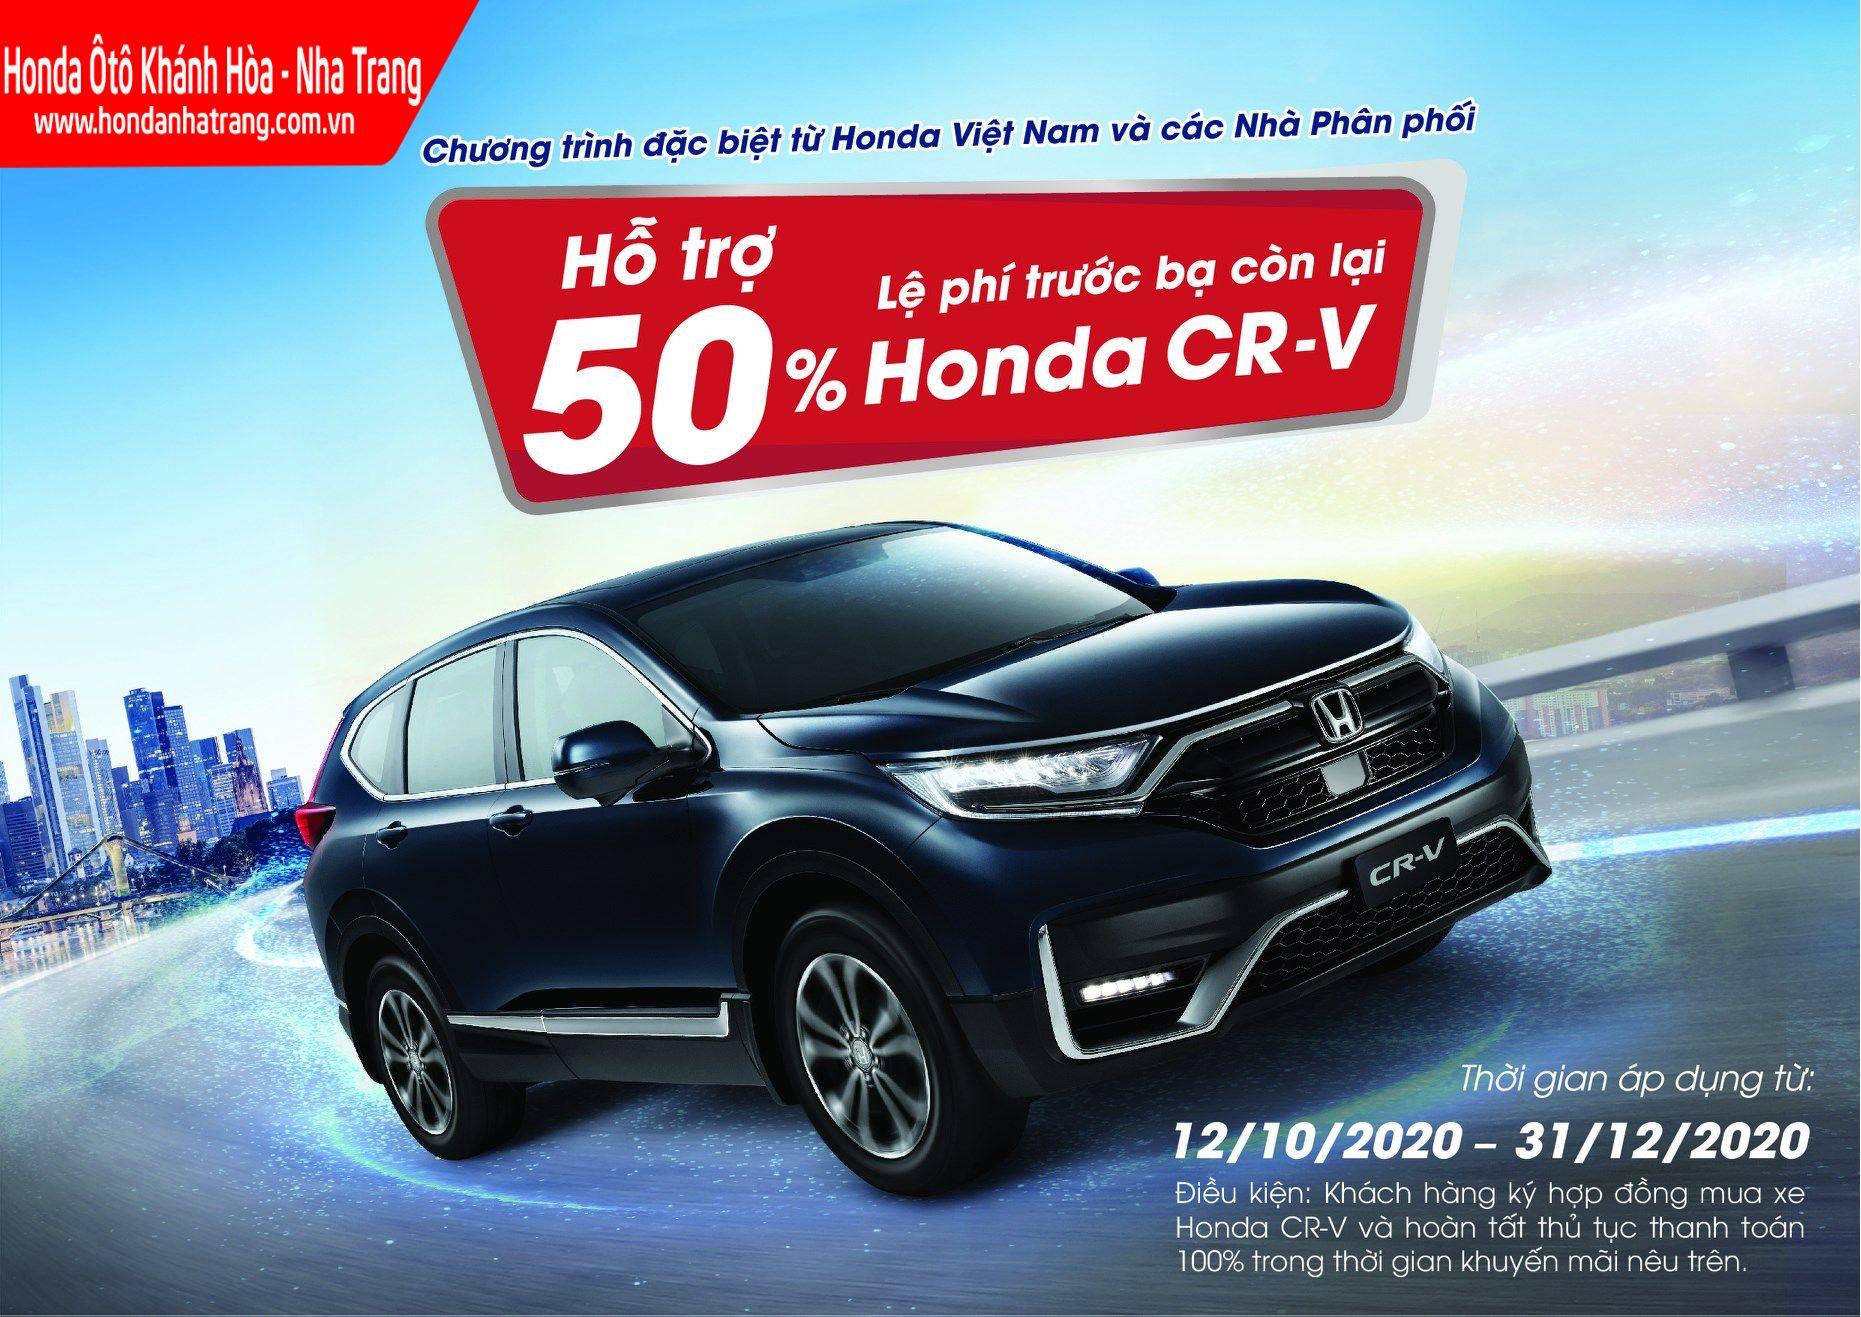 Honda Việt Nam hỗ trợ giảm 50% lệ phí trước bạ còn lại dành cho mẫu xe Honda CR-V 2020